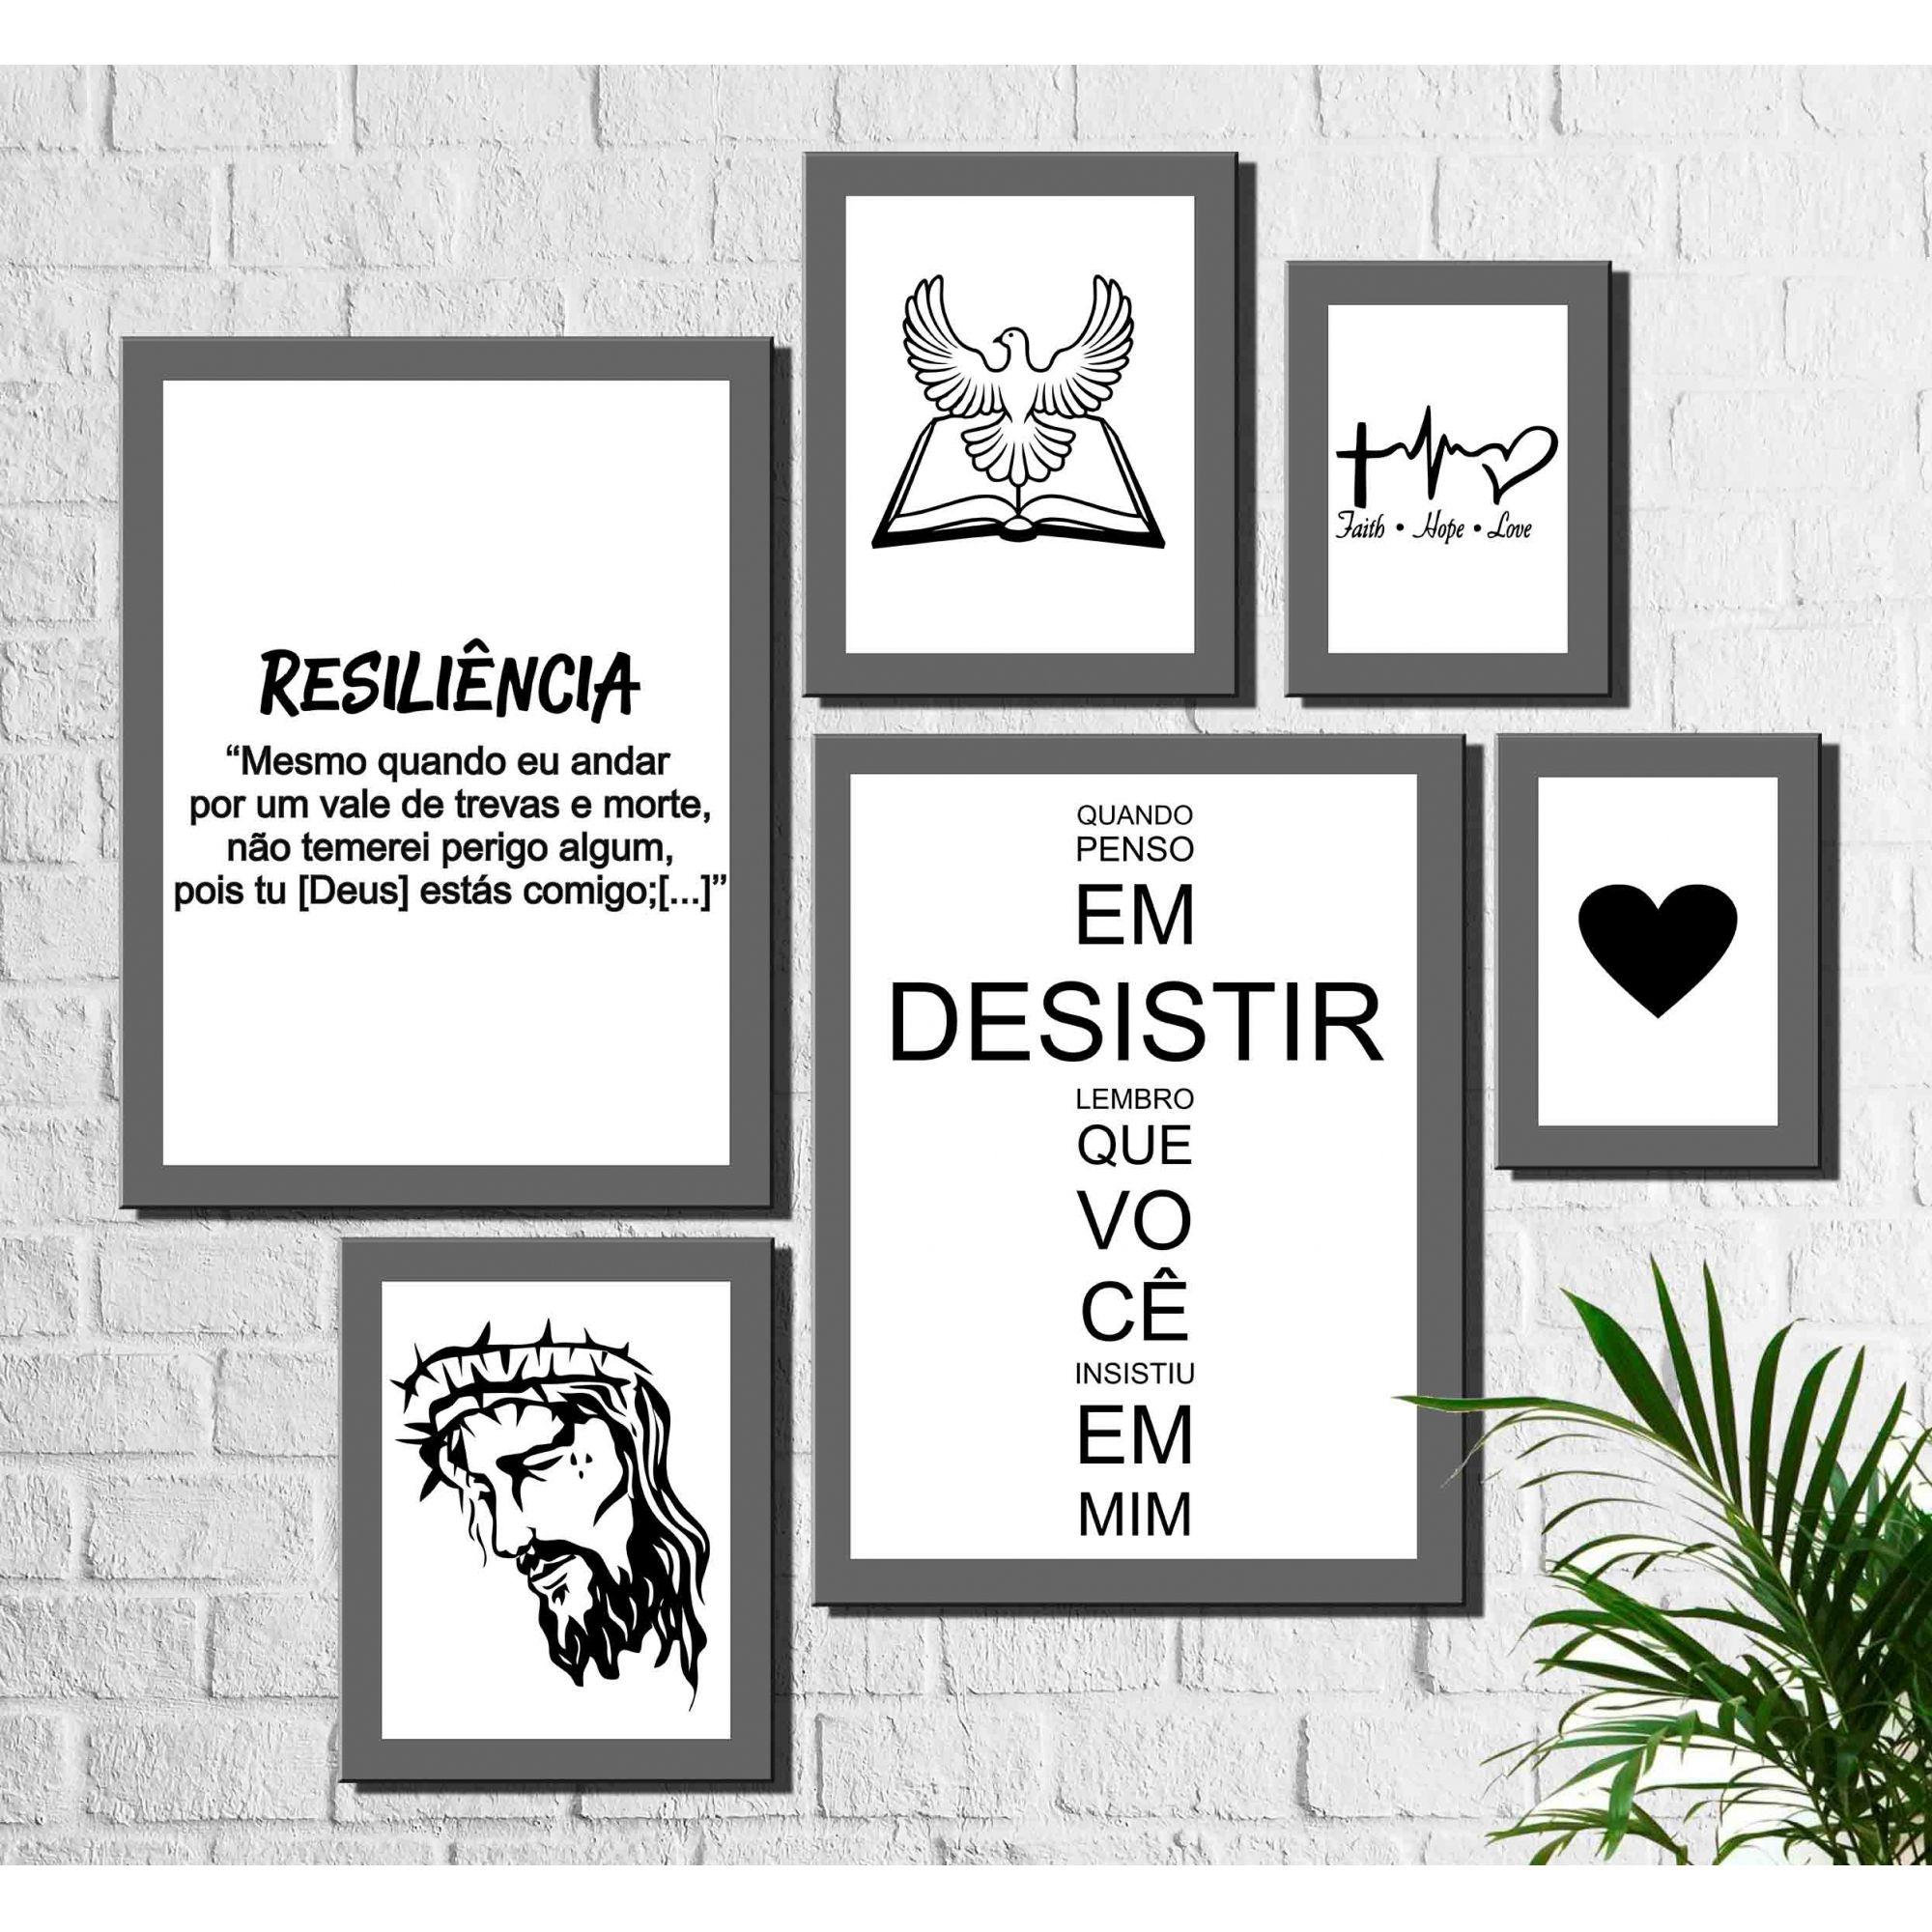 6 Peças Quadros Decorativos Adesivos E Papel De Parede Arte Quadro